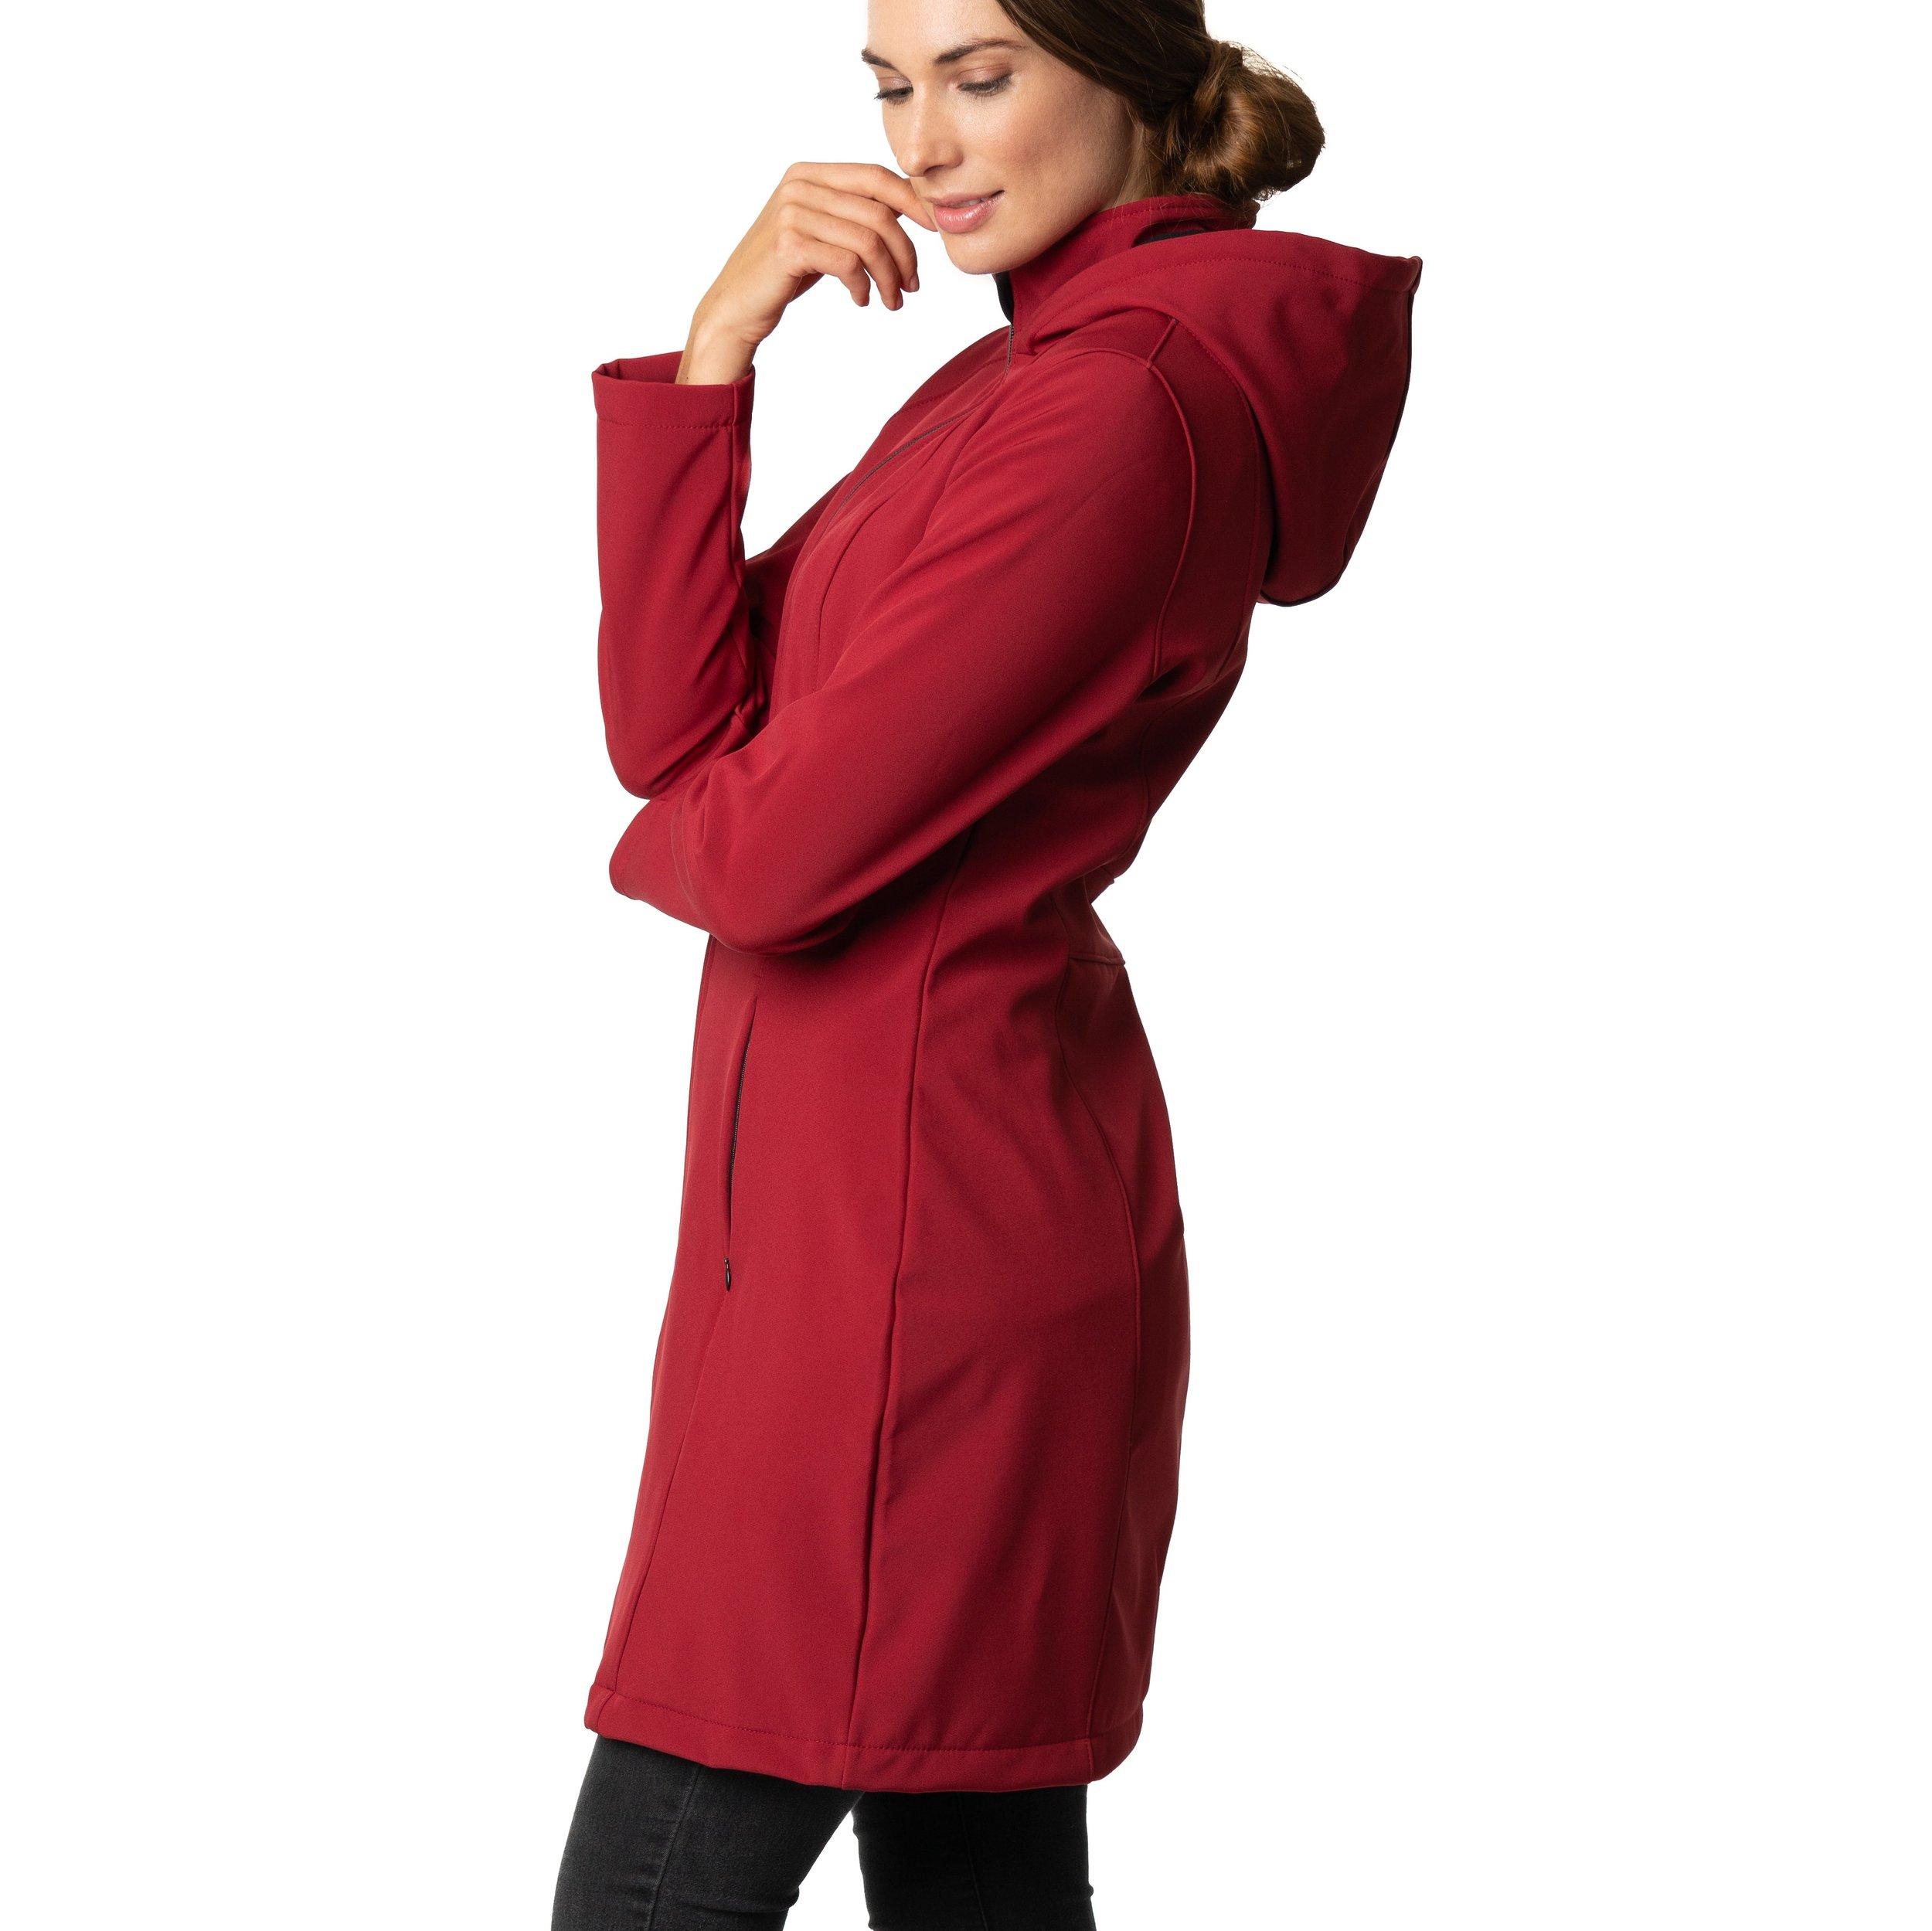 Coats05472sq.jpg